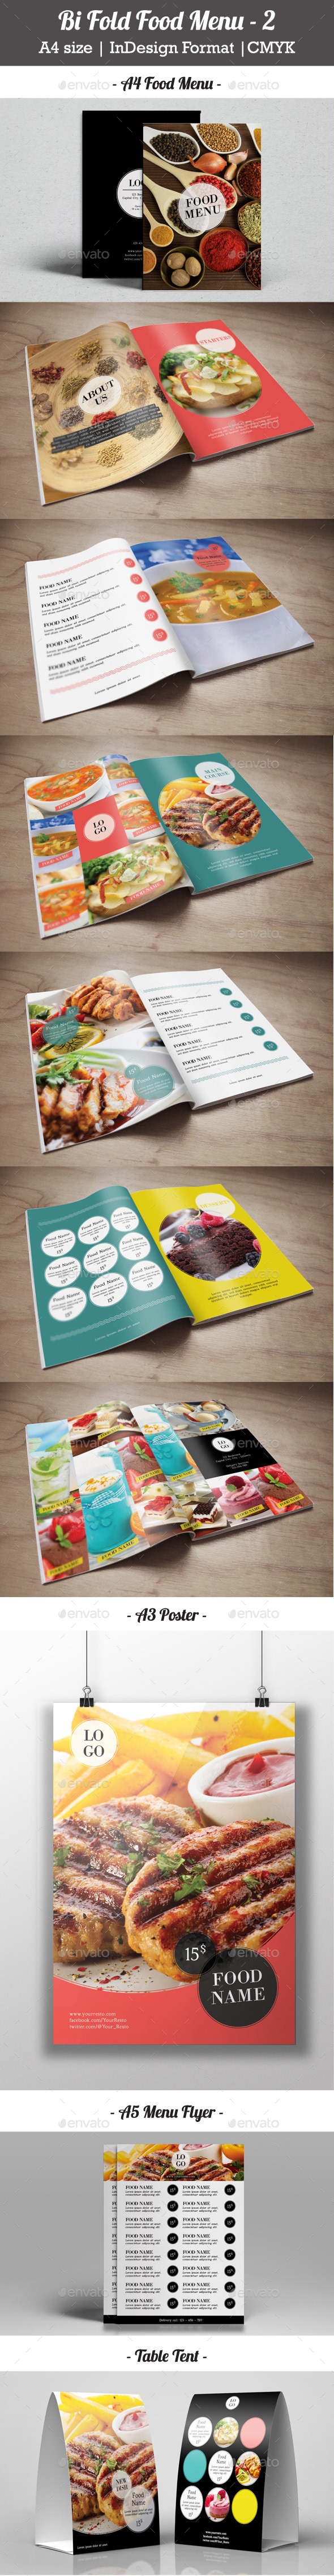 Bi Fold Food Menu - 2 - Food Menus Print Templates